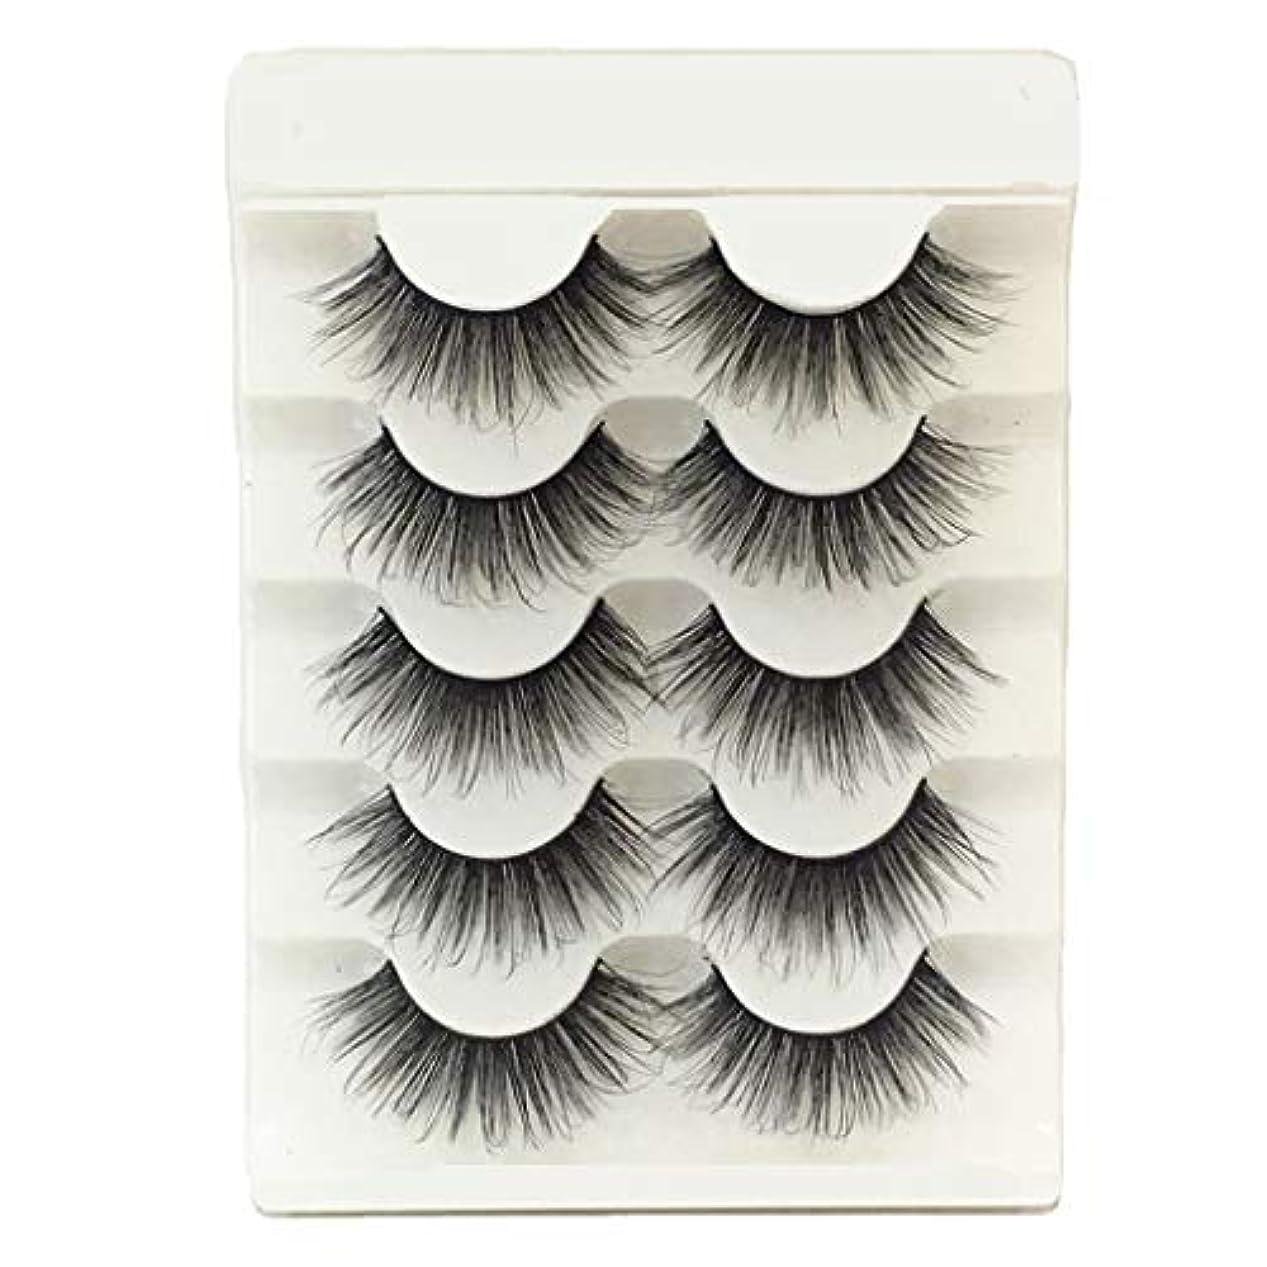 七面鳥間違いなく輝度Feteso 5ペア つけまつげ 上まつげ Eyelashes アイラッシュ ビューティー まつげエクステ レディース 化粧ツール アイメイクアップ 人気 ナチュラル 飾り 柔らかい 装着簡単 綺麗 濃密 再利用可能